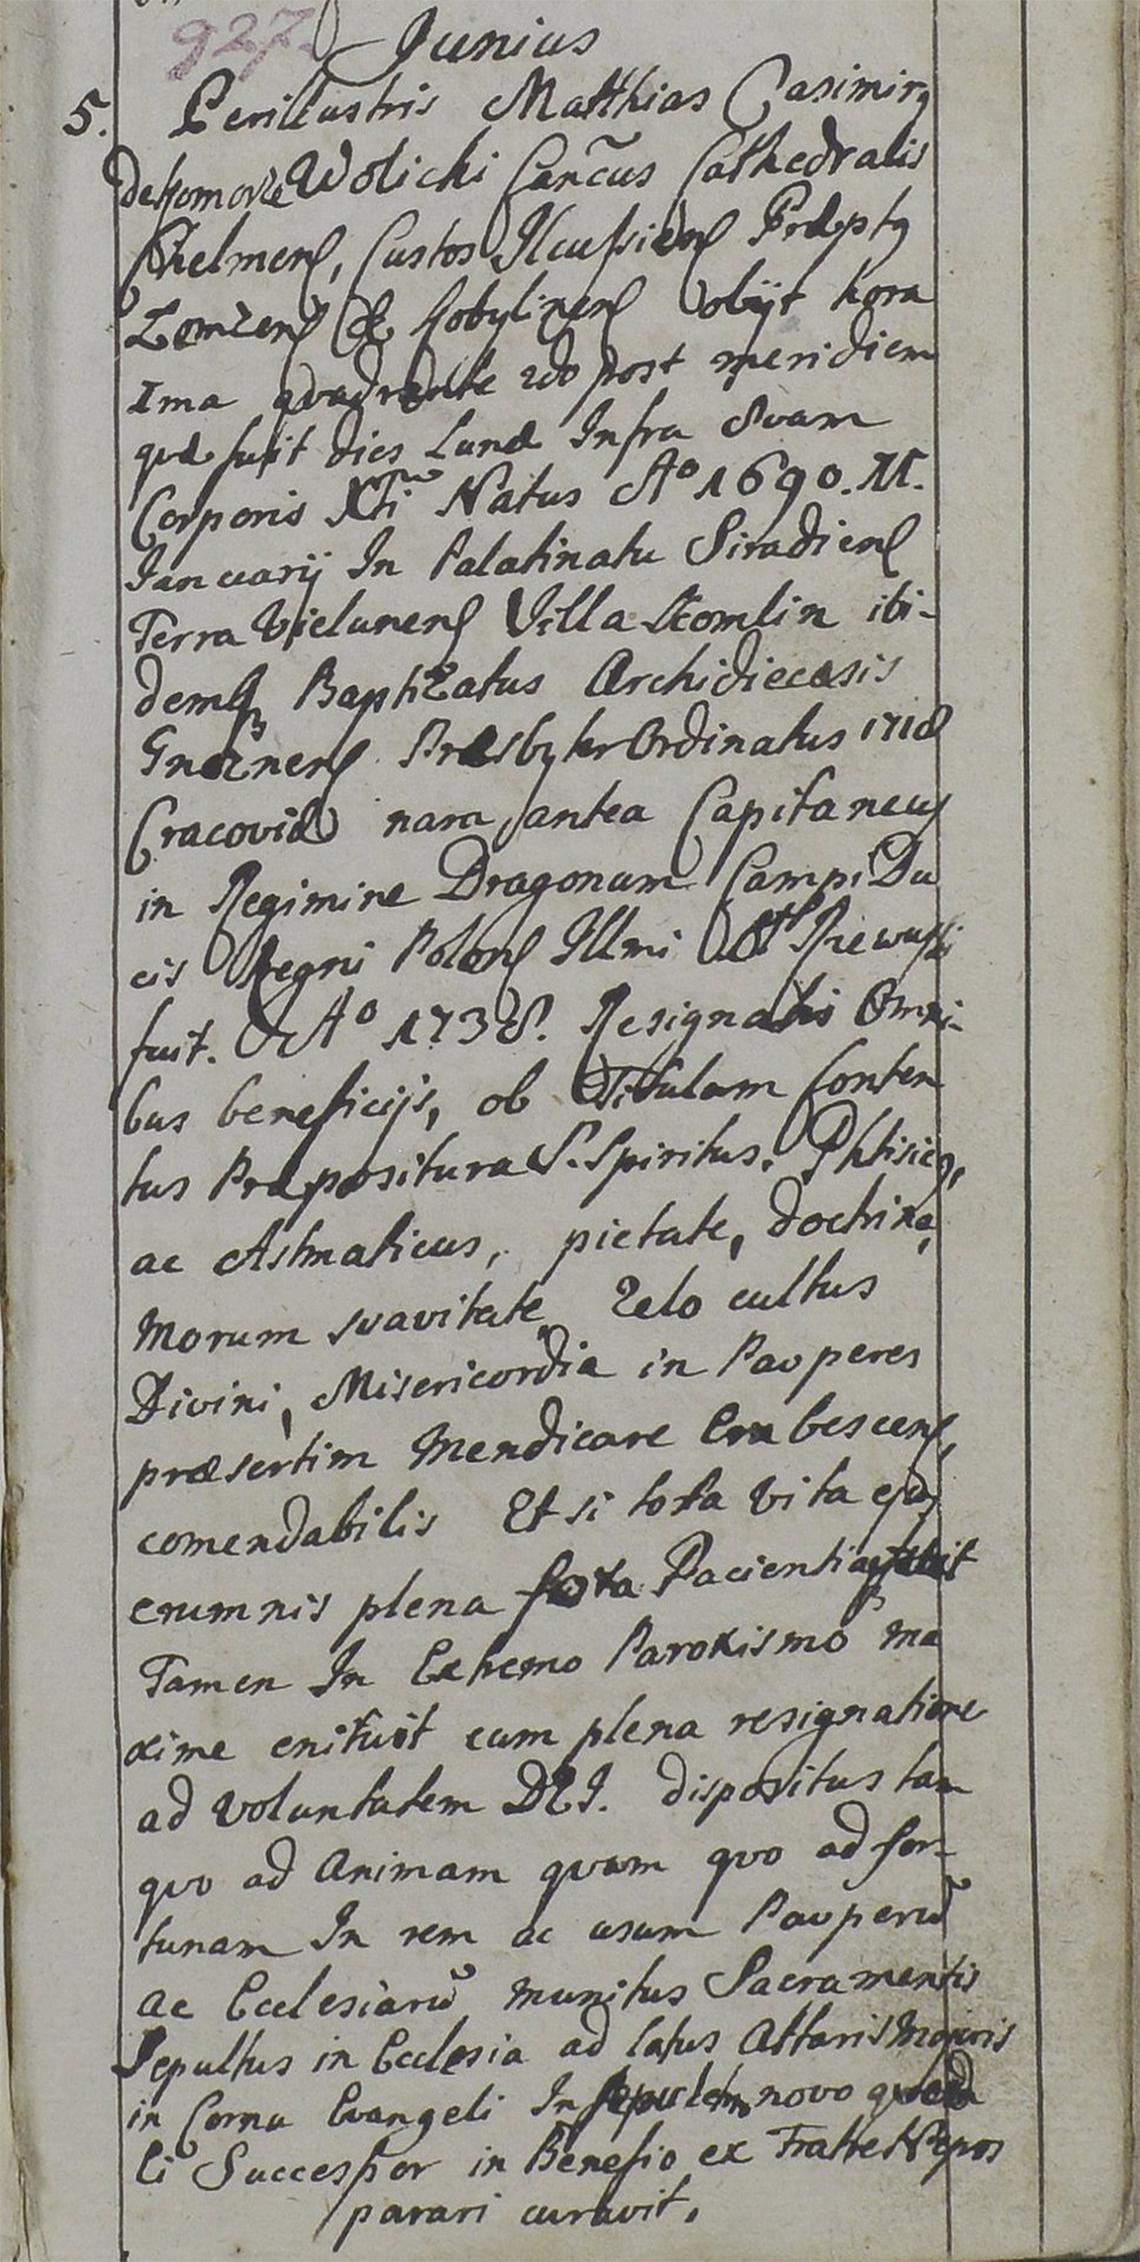 Akt stanu cywilnego zgonu Maciej Kazimierz Wolicki 05.06.1741 r